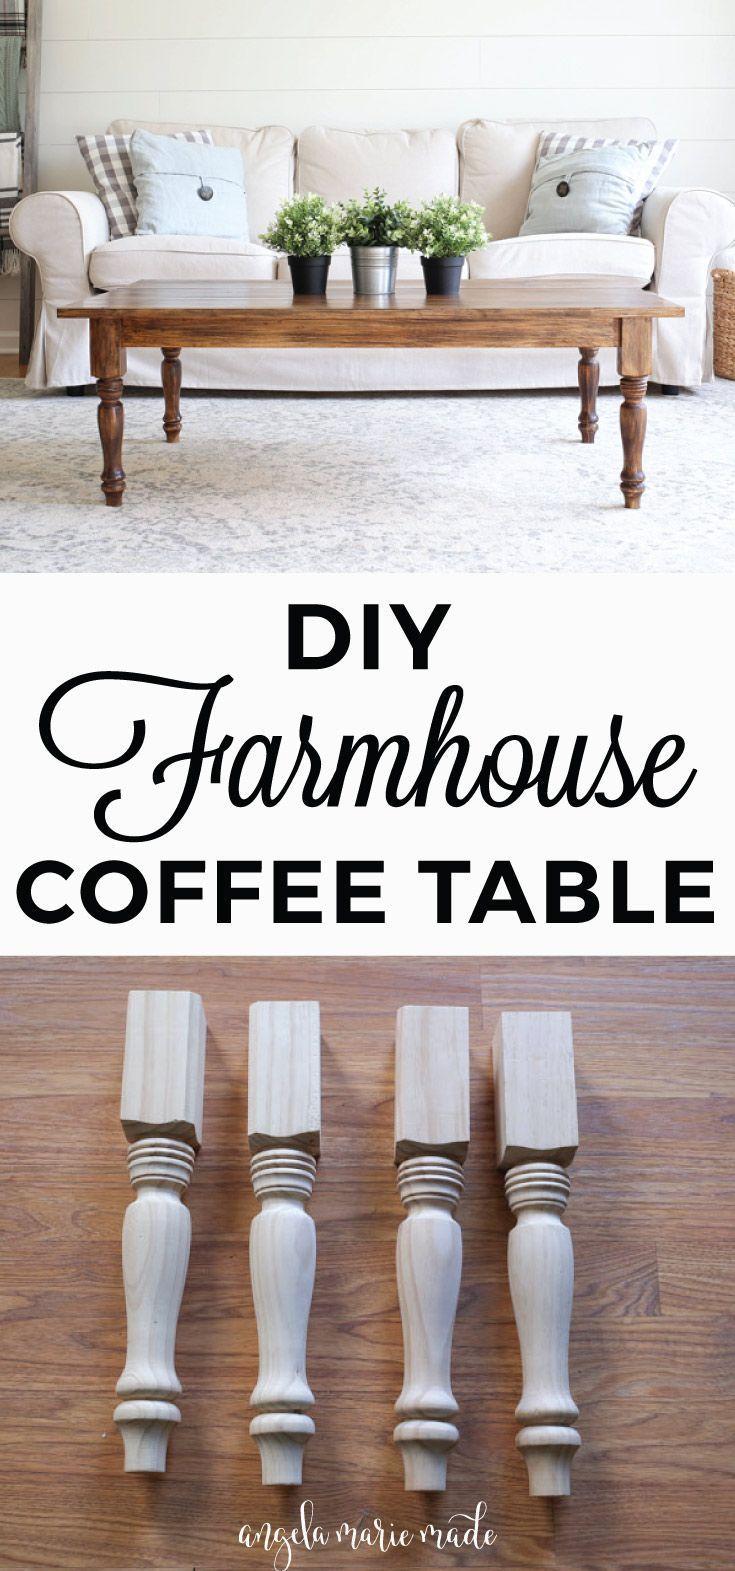 Diy Farmhouse Coffee Table Diy Farmhouse Coffee Table Coffee Table Farmhouse Diy Garden Table